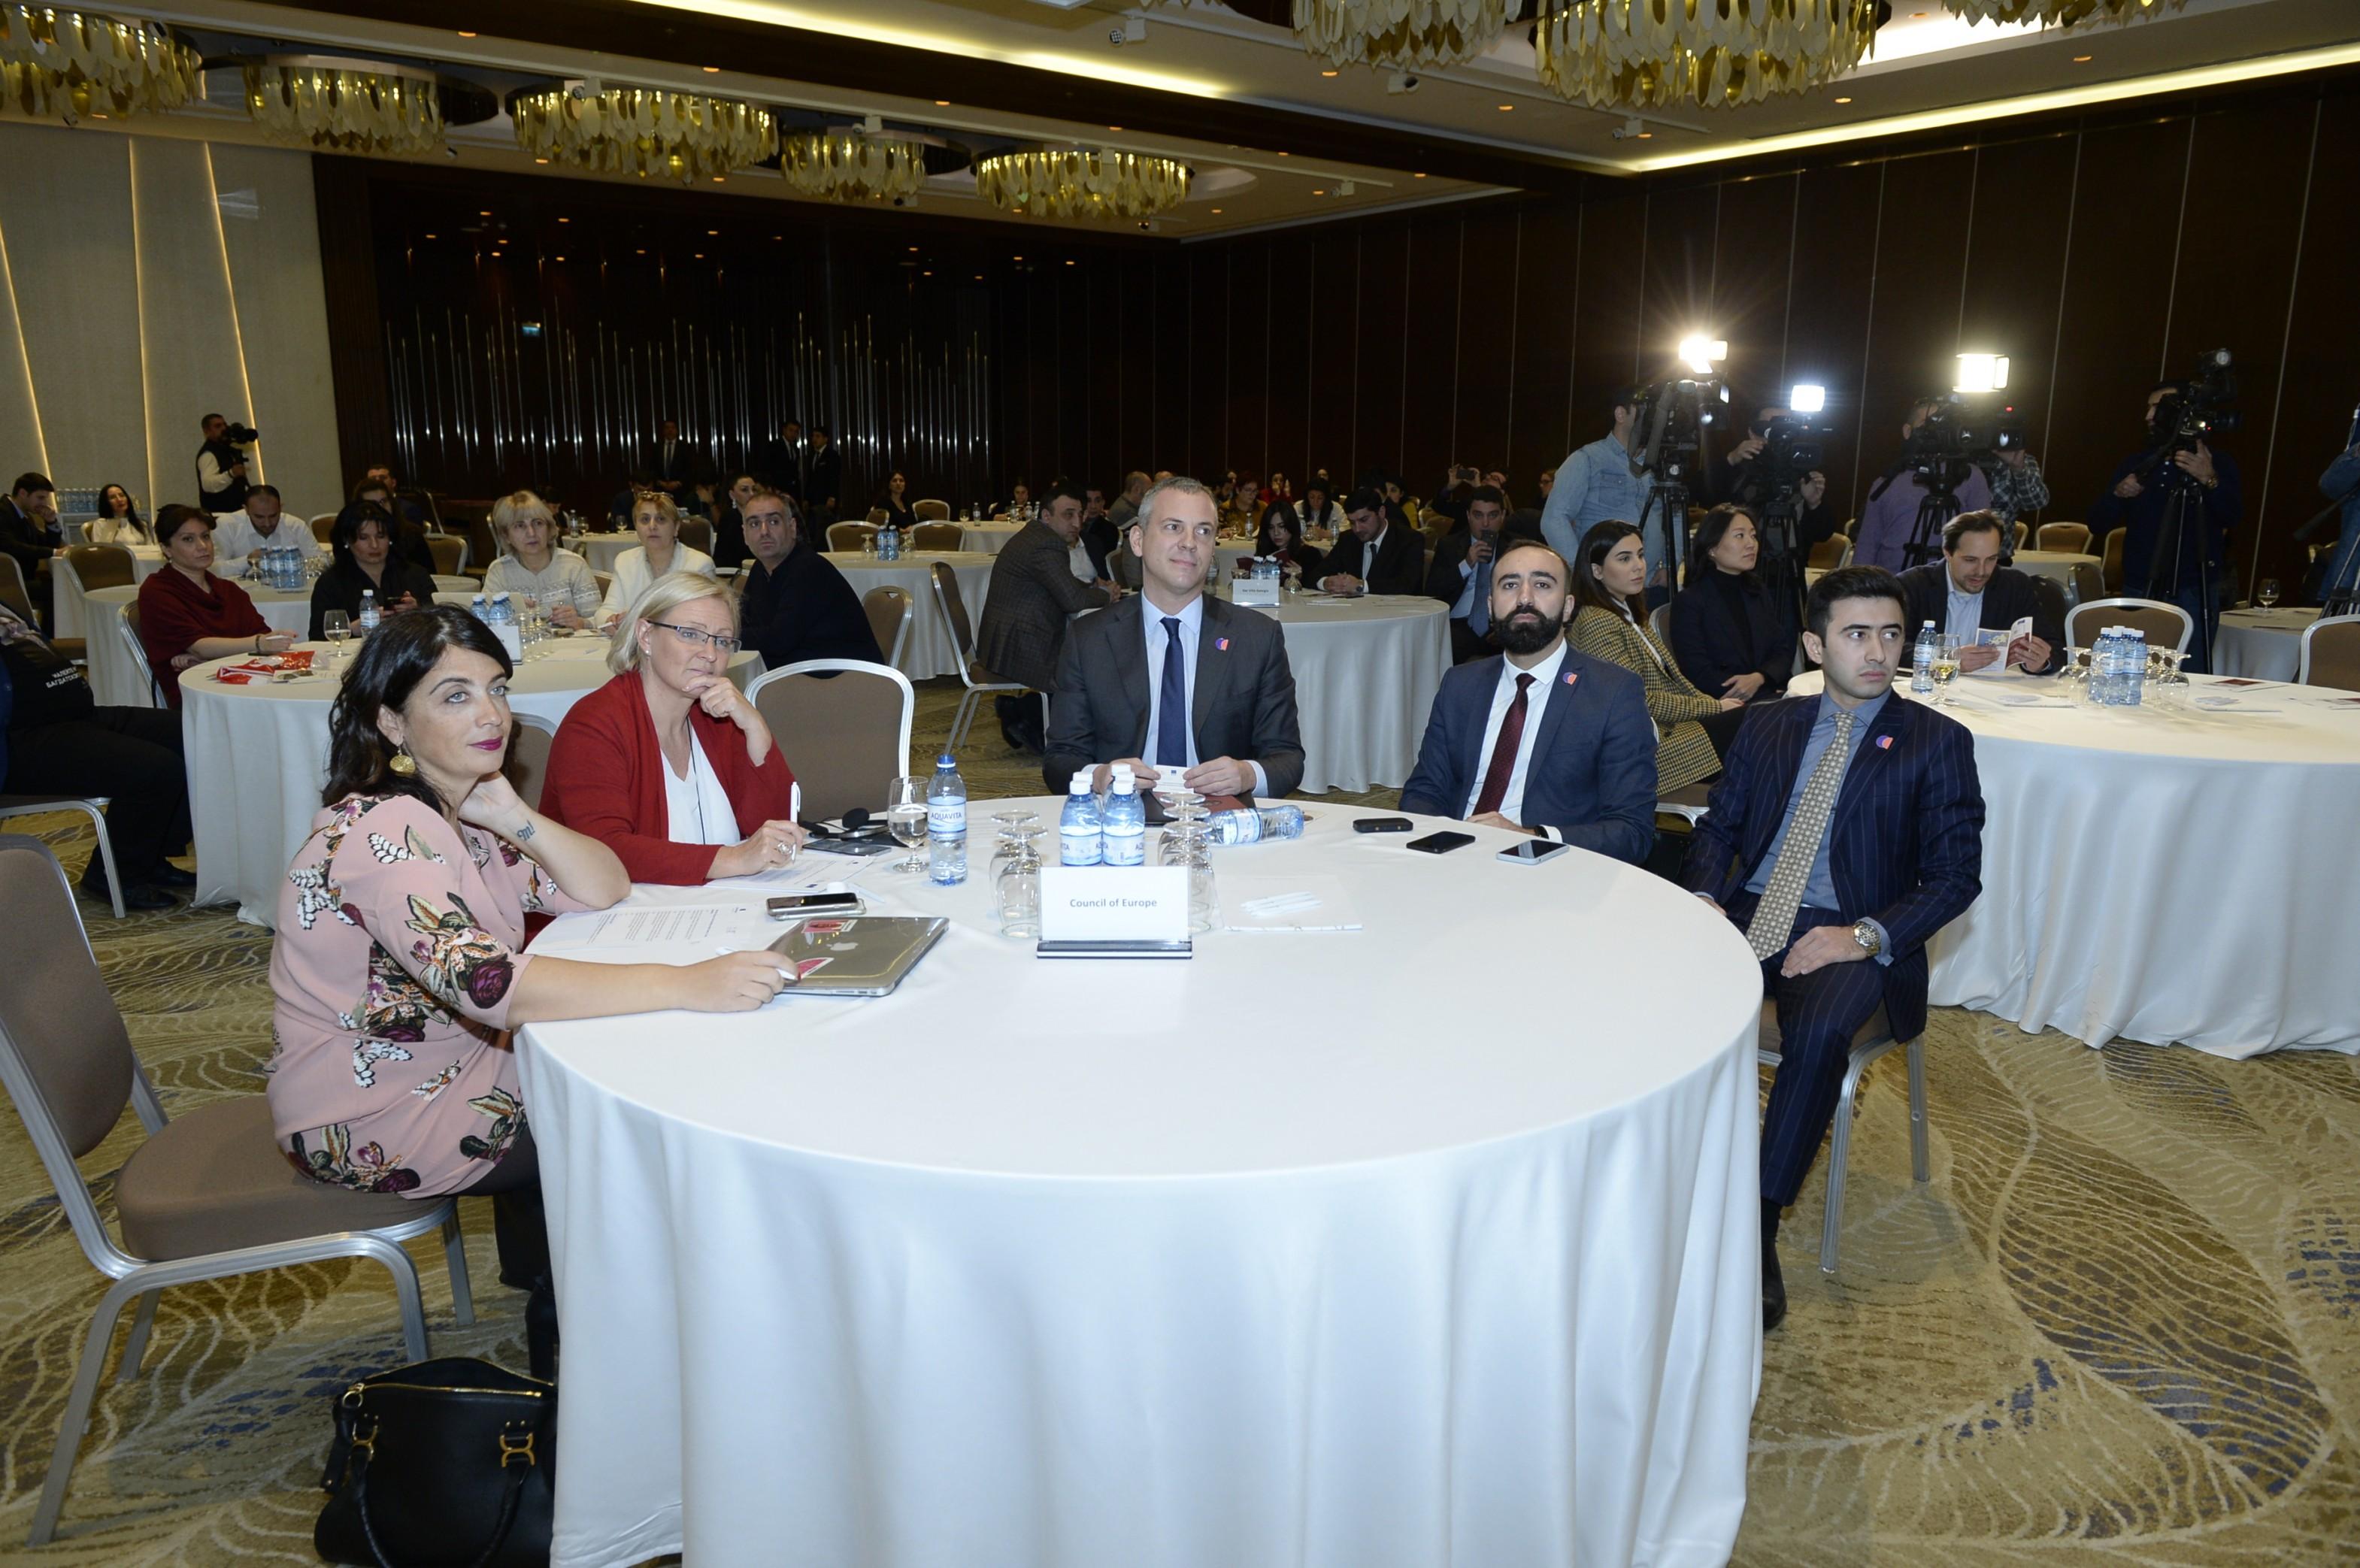 Bakıda keçirilən assambleyada Qafqazın şərab marşrutu yaradılıb